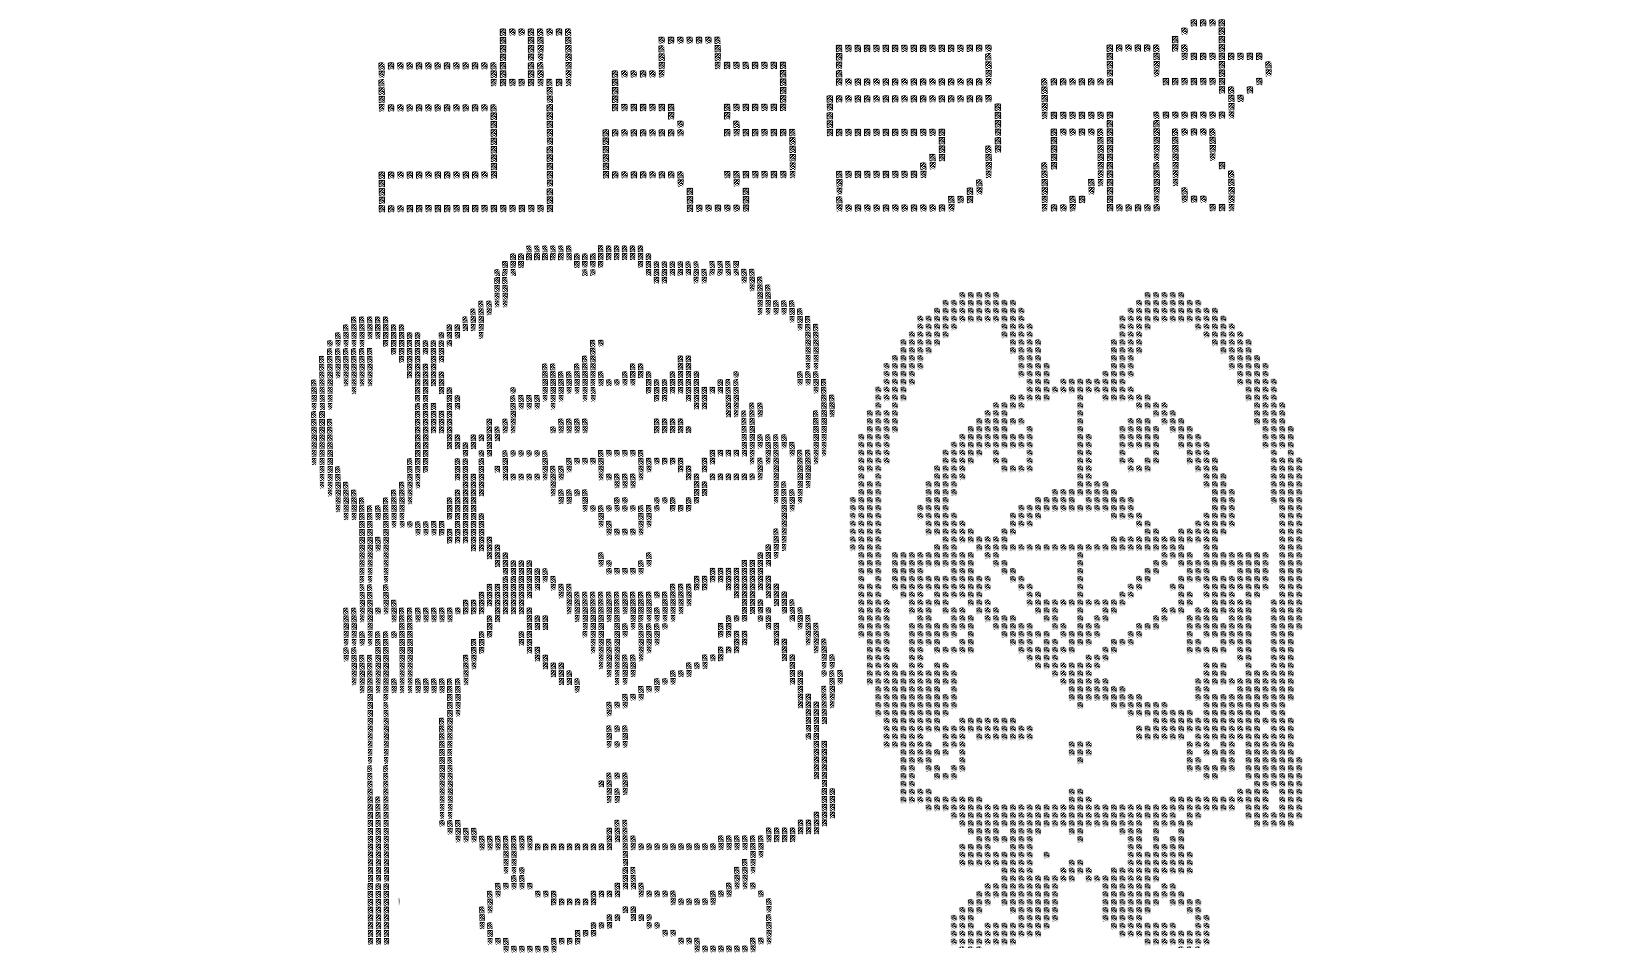 ゴキラボのキャラクターのごきた博士とゴキワンのアスキーアート